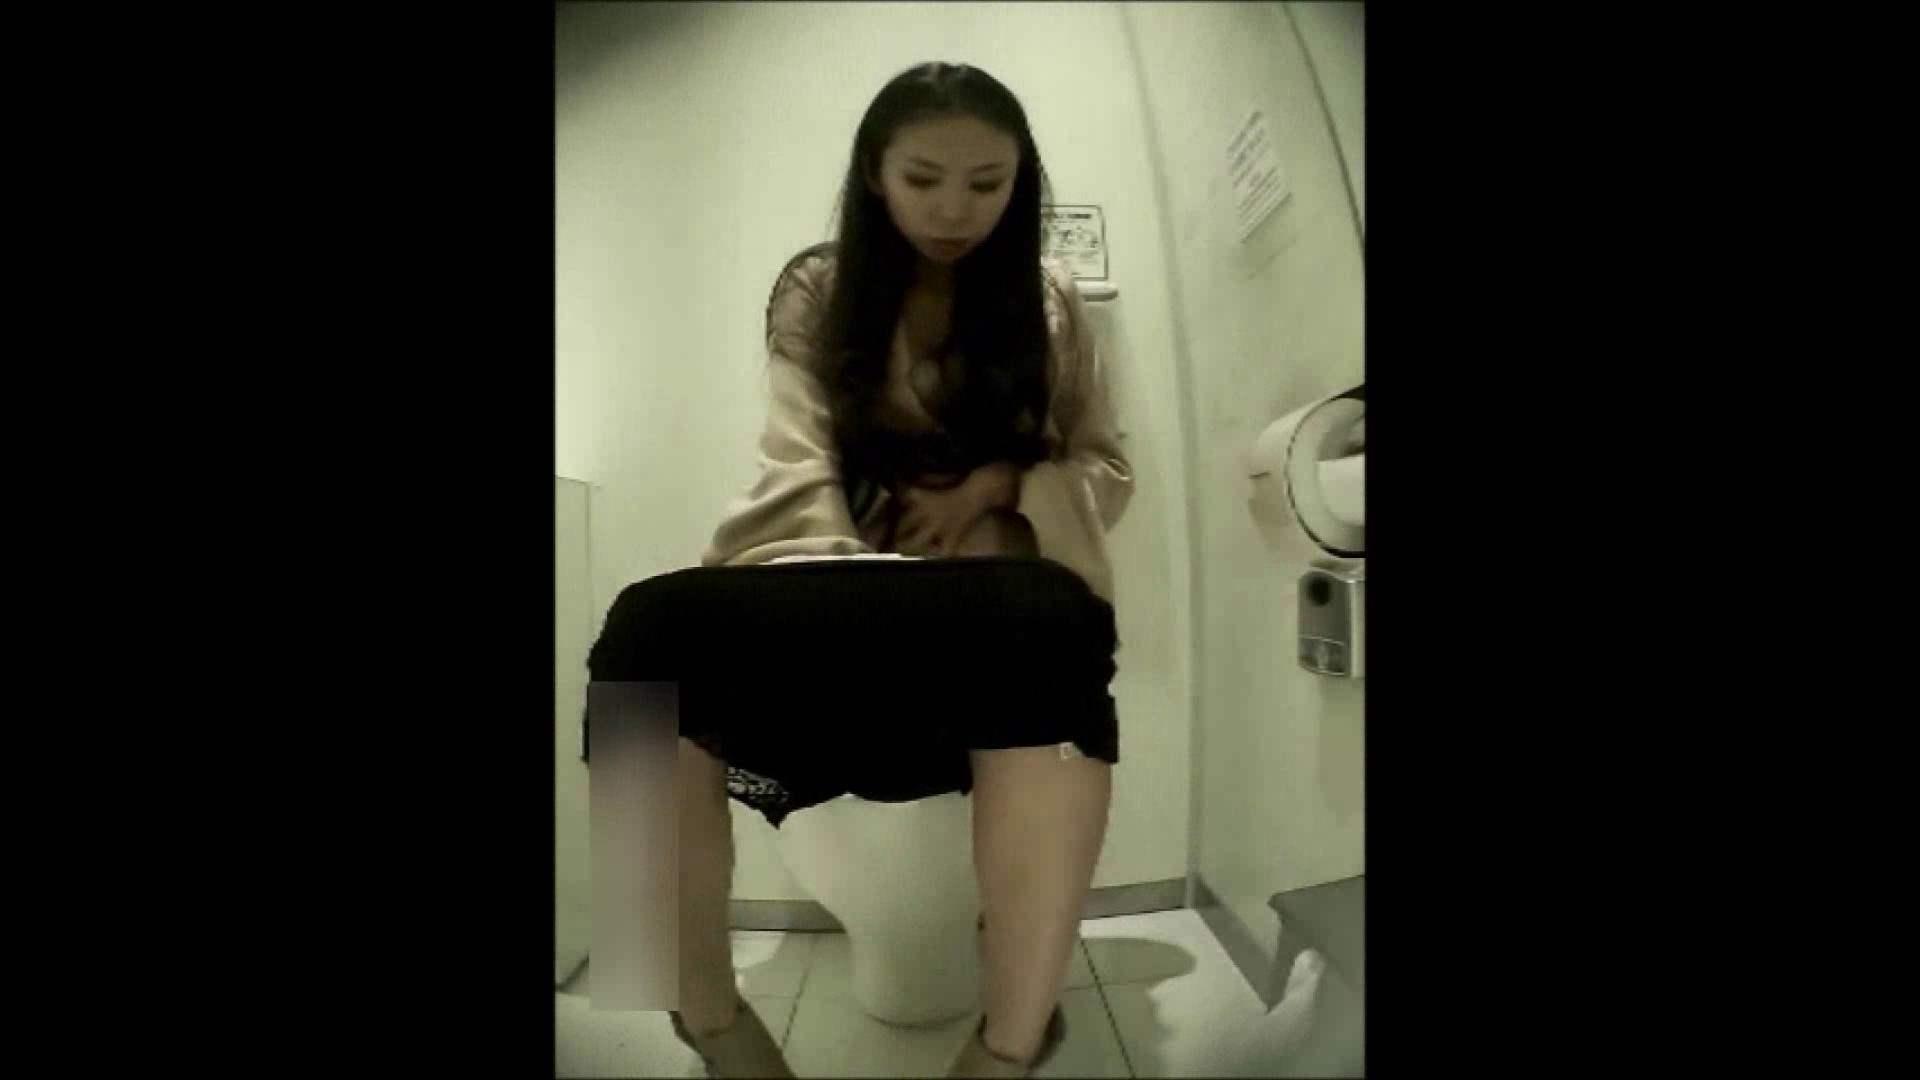 洗面所盗撮~隣の美人お姉さんVol.14 洗面所 オマンコ動画キャプチャ 102PIX 25